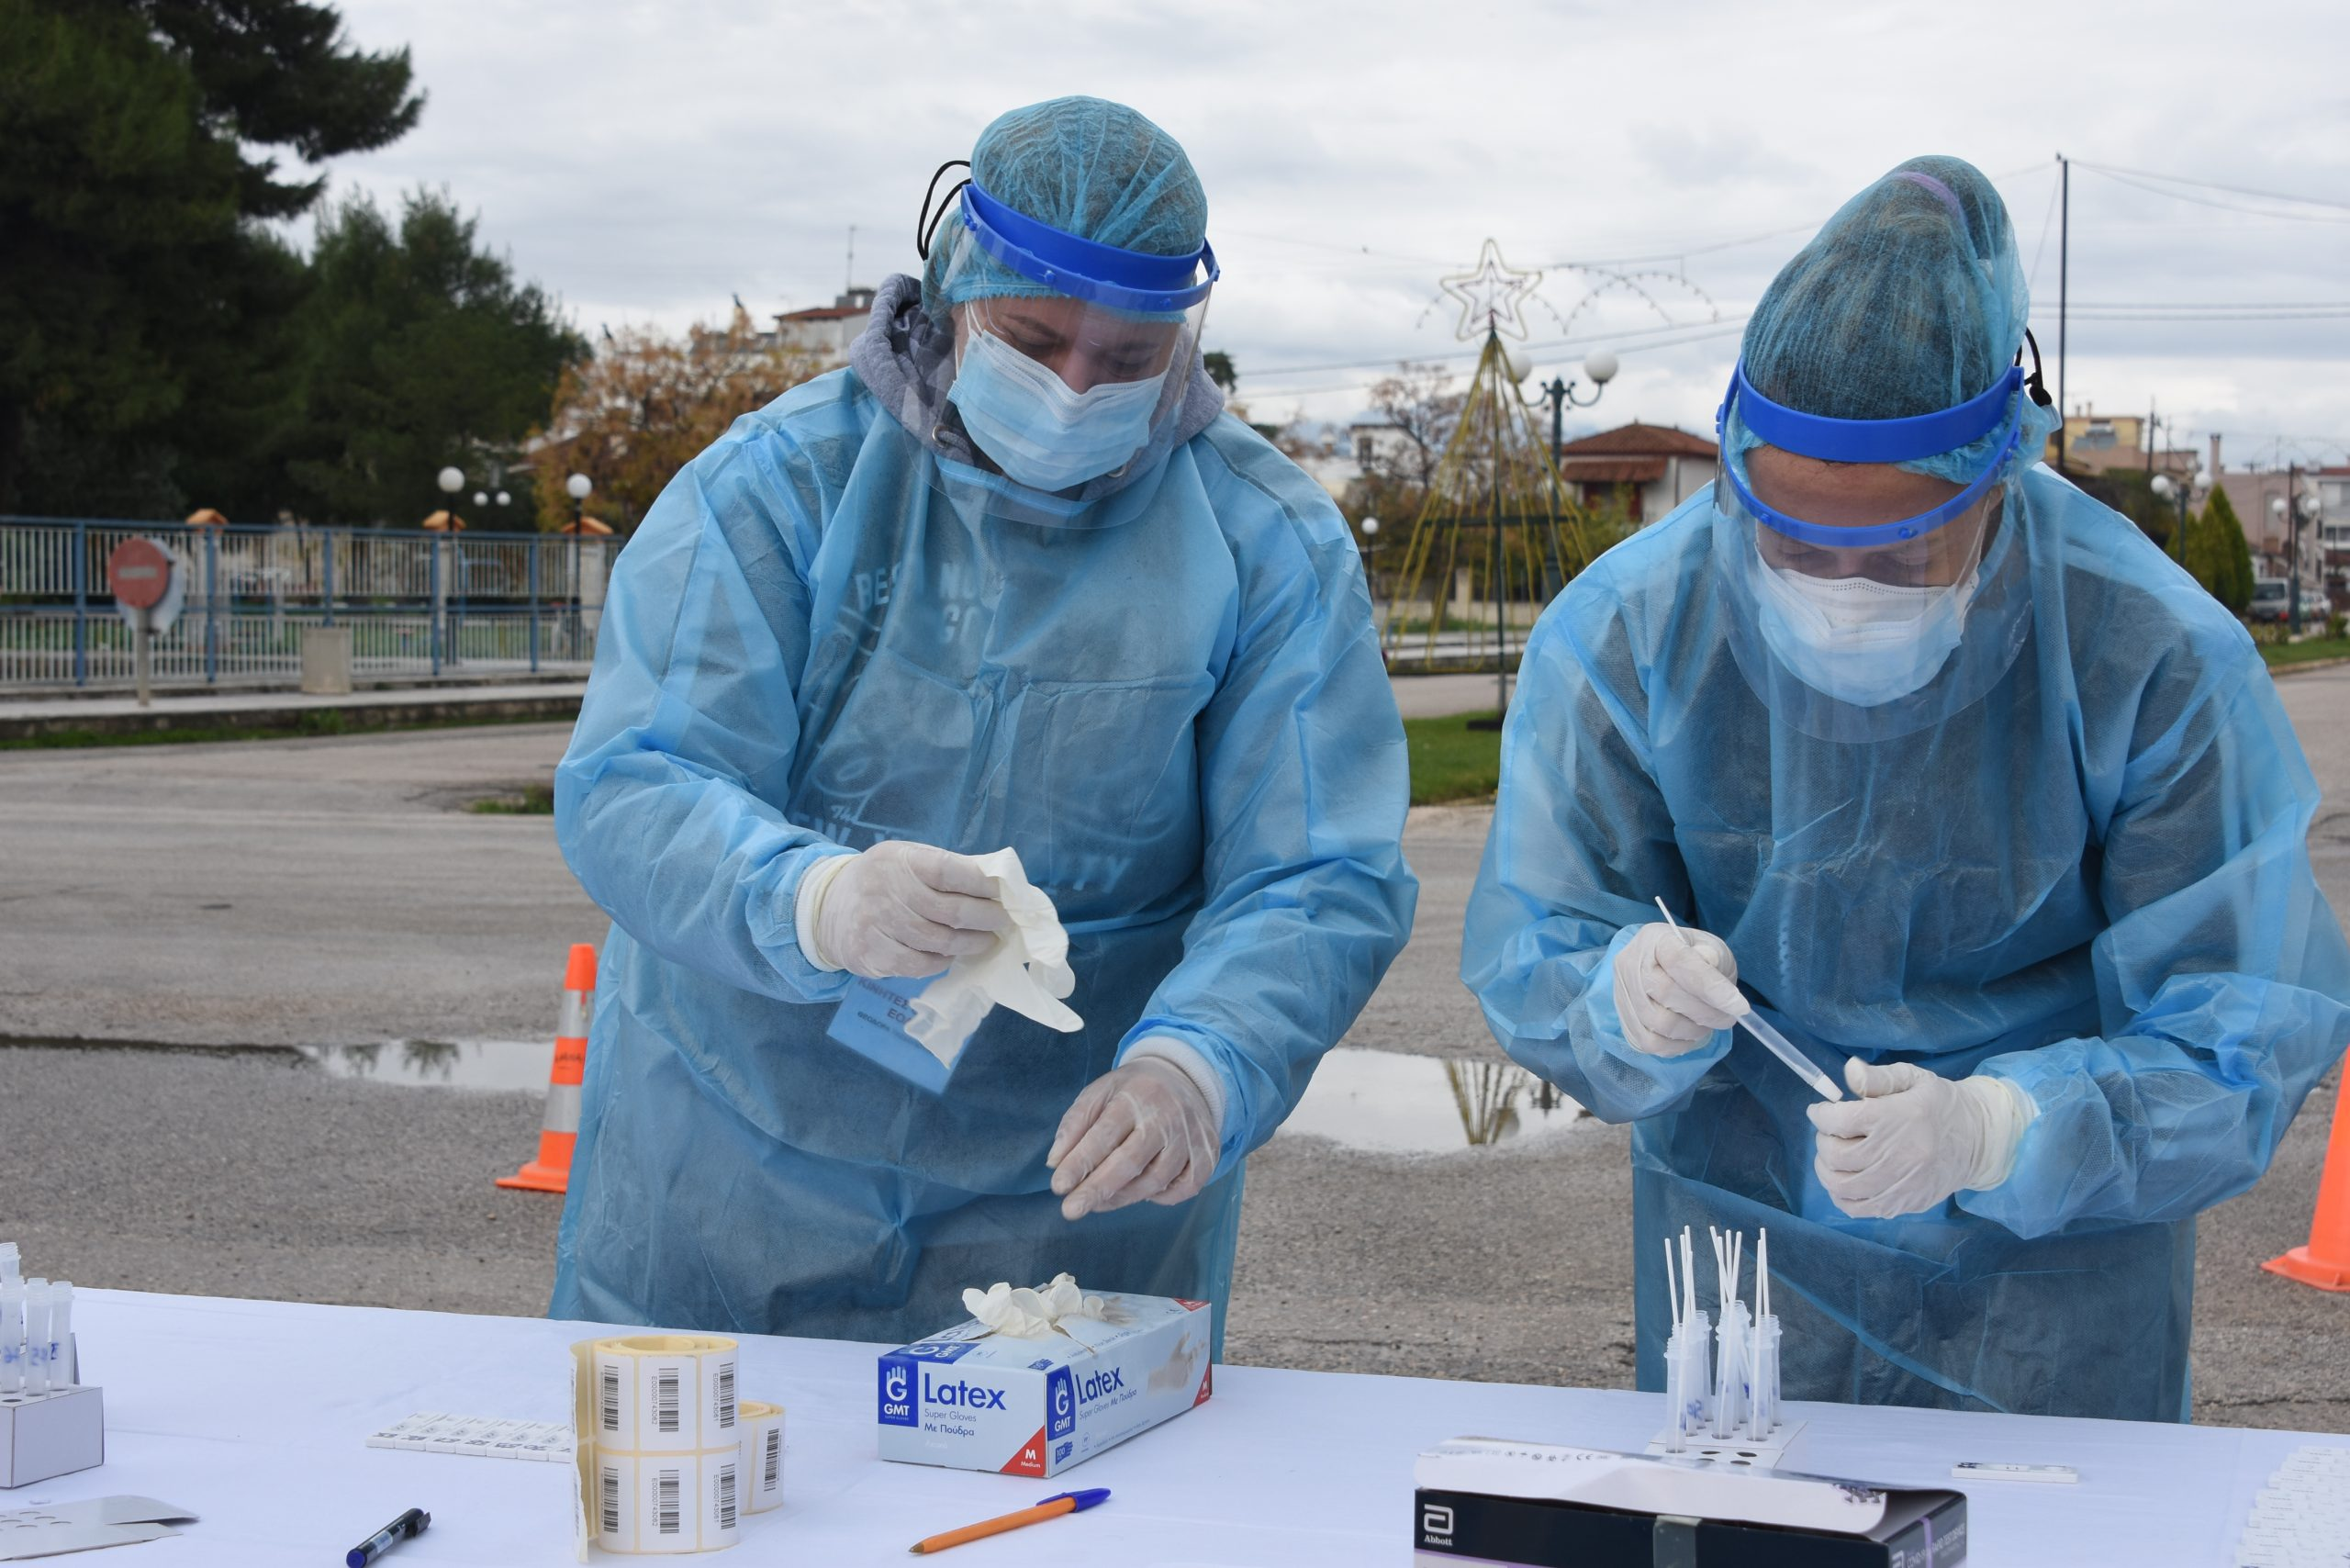 Κορονοϊός - Δήμος Θηβαίων: Δωρεάν rapid tests την Τετάρτη σε Θήβα και Πλαταιές και την Πέμπτη στον Ελεώνα